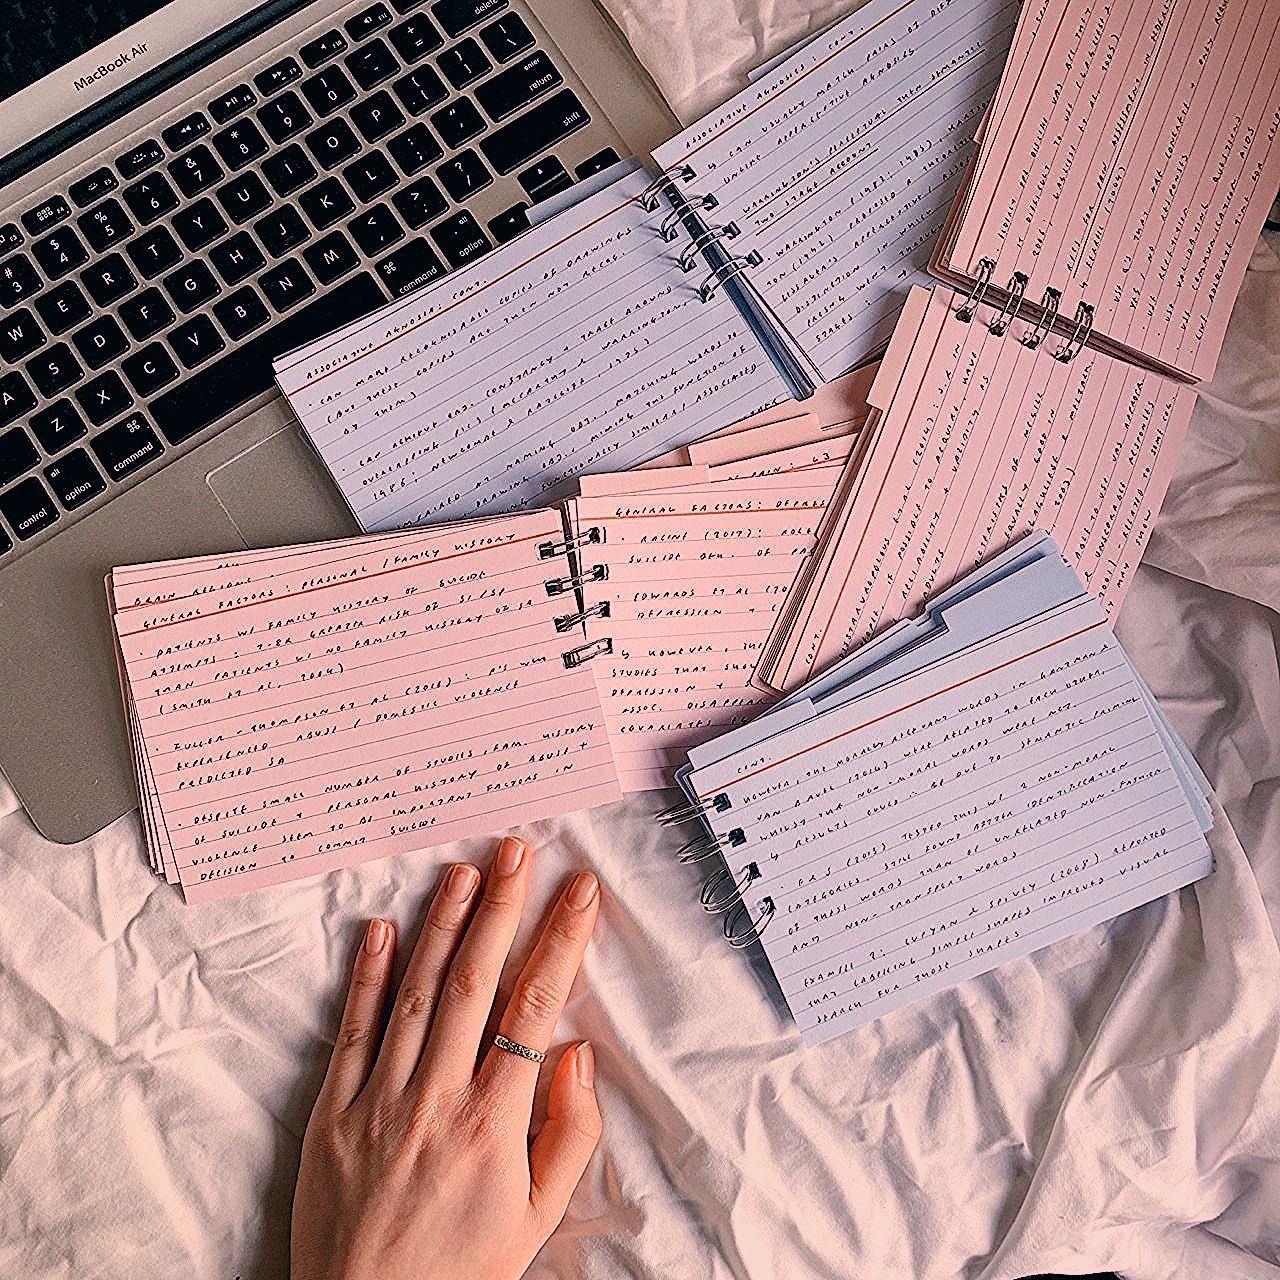 Photo of bullet journal | Tumblr